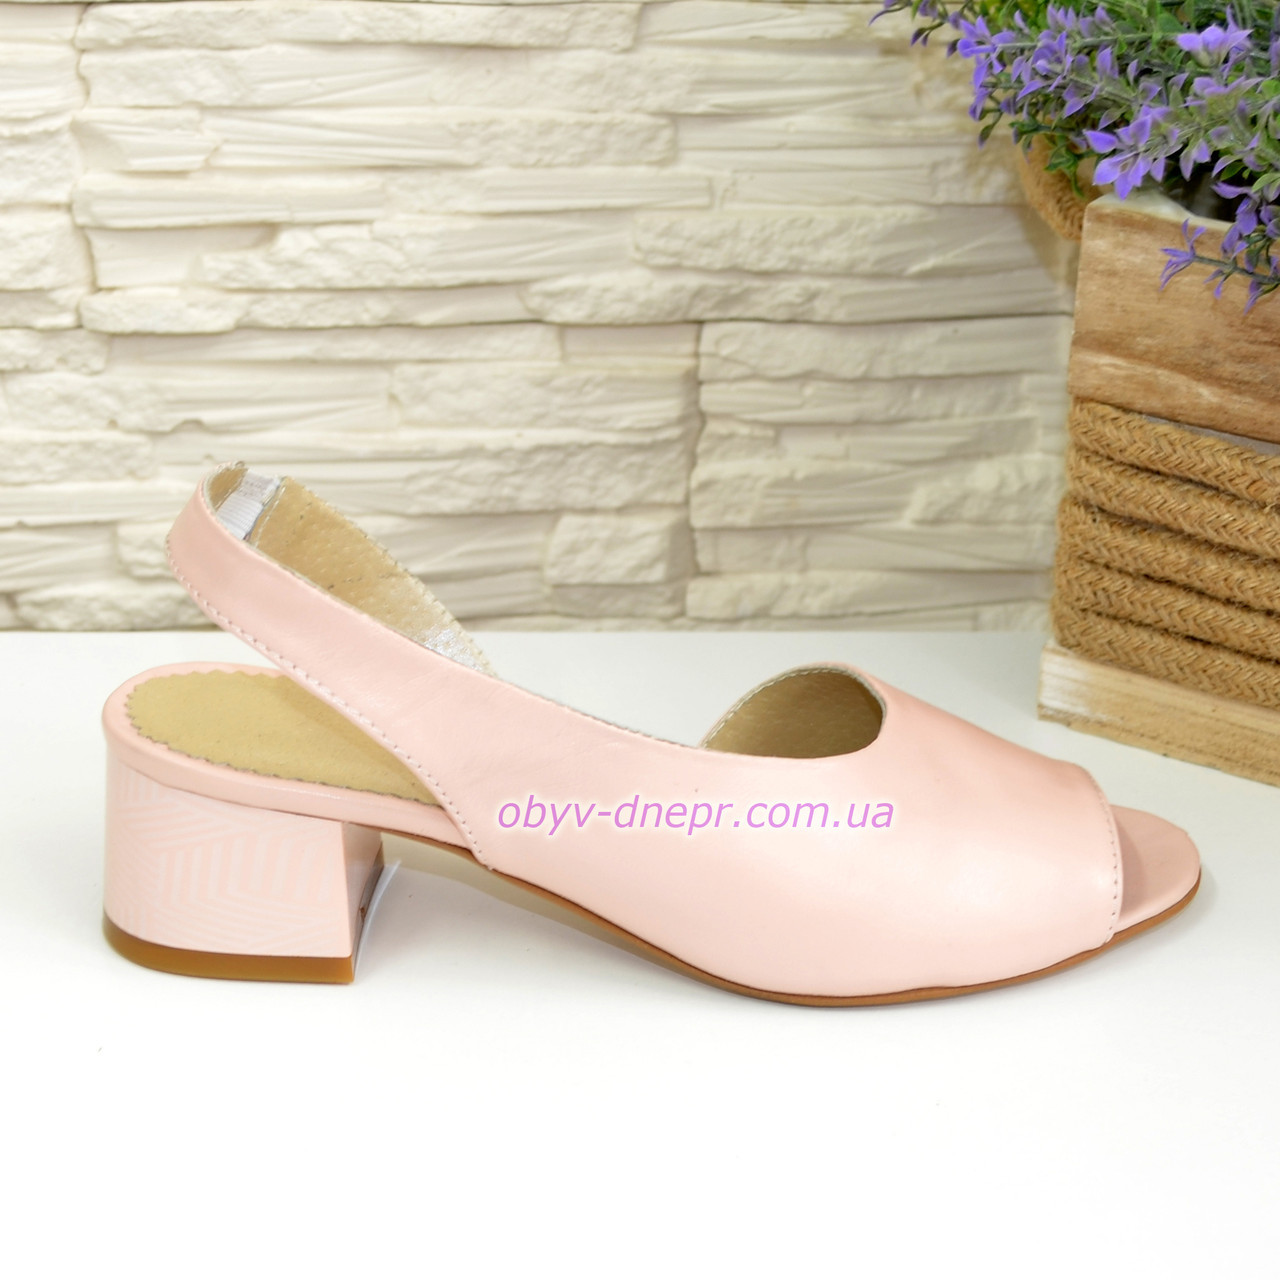 Женские босоножки на невысоком каблуке, цвет пудра